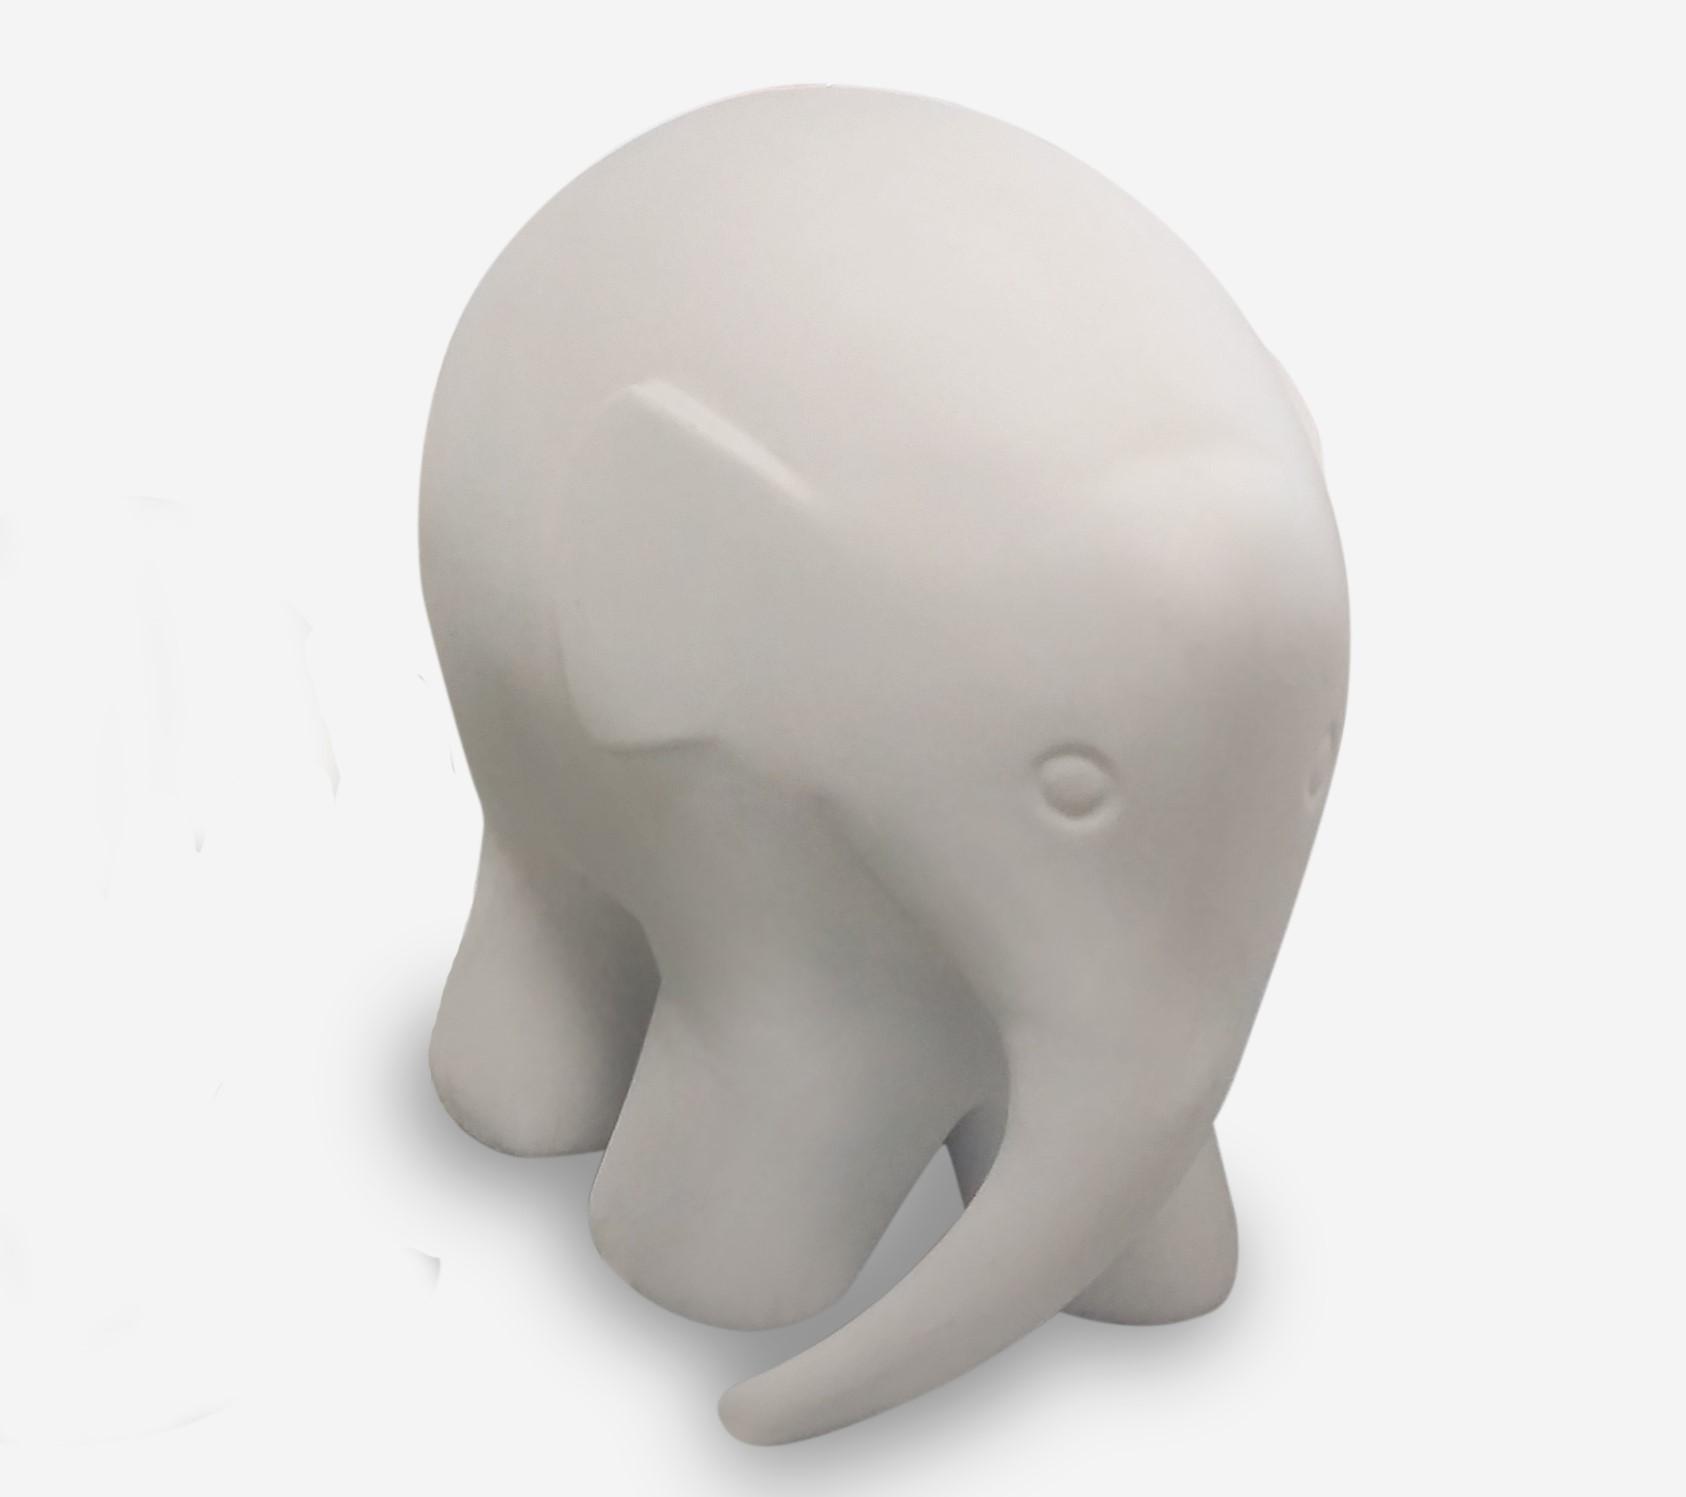 Lot 30 - Blank Elmer Sculpture